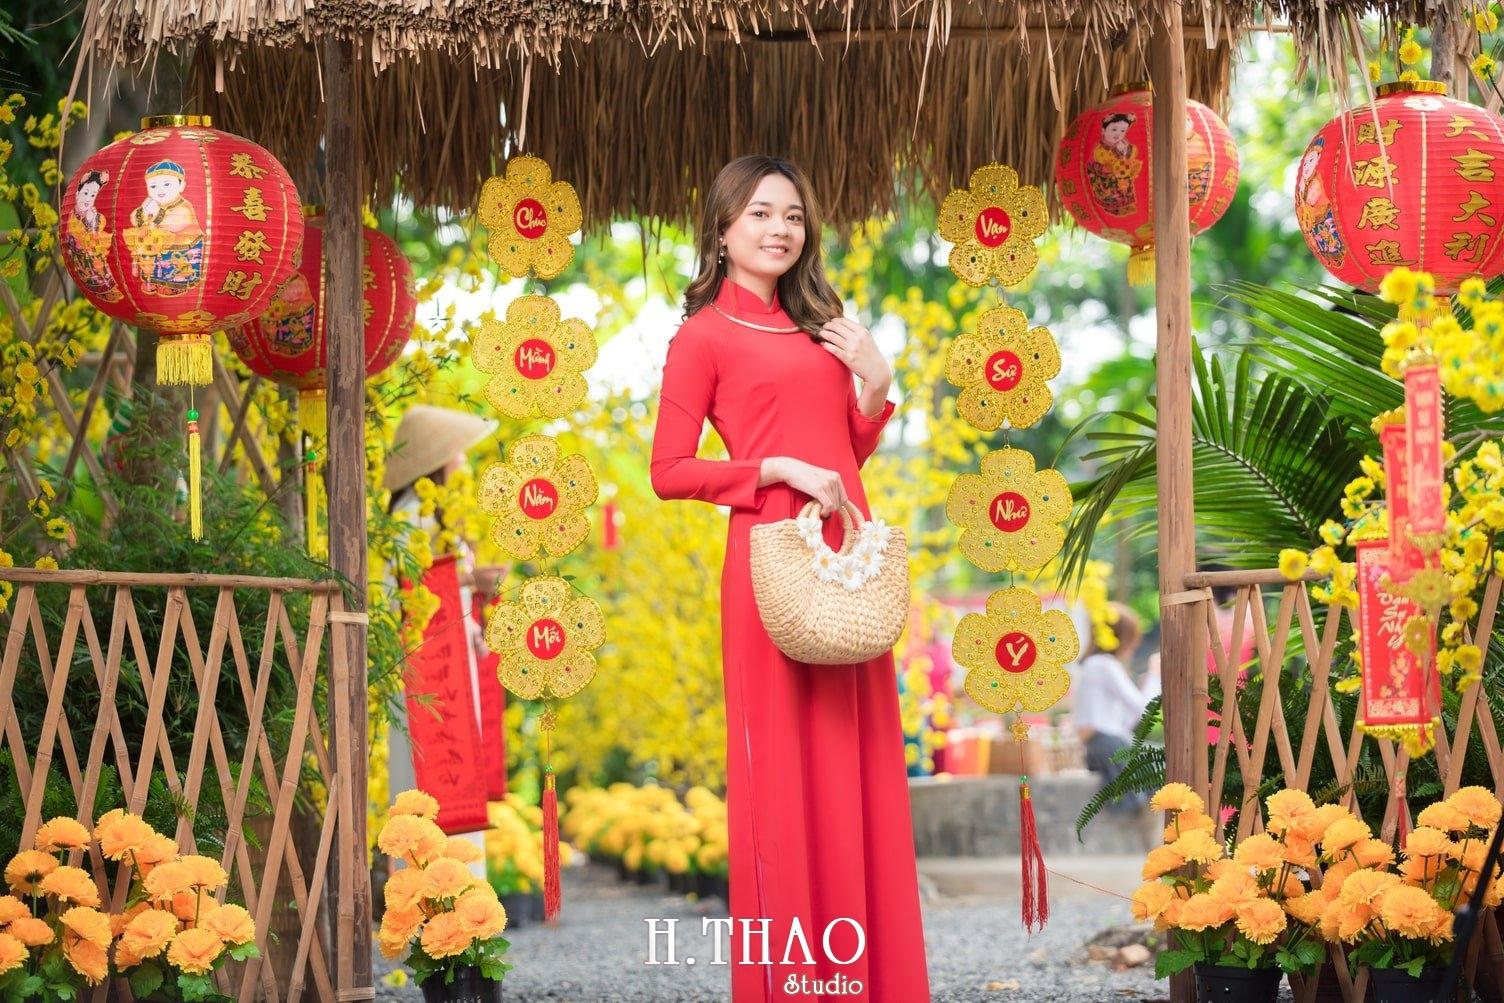 Ao dai tet do 17 - Top 40 ảnh áo dài chụp với Hoa đào, hoa mai tết tuyệt đẹp- HThao Studio